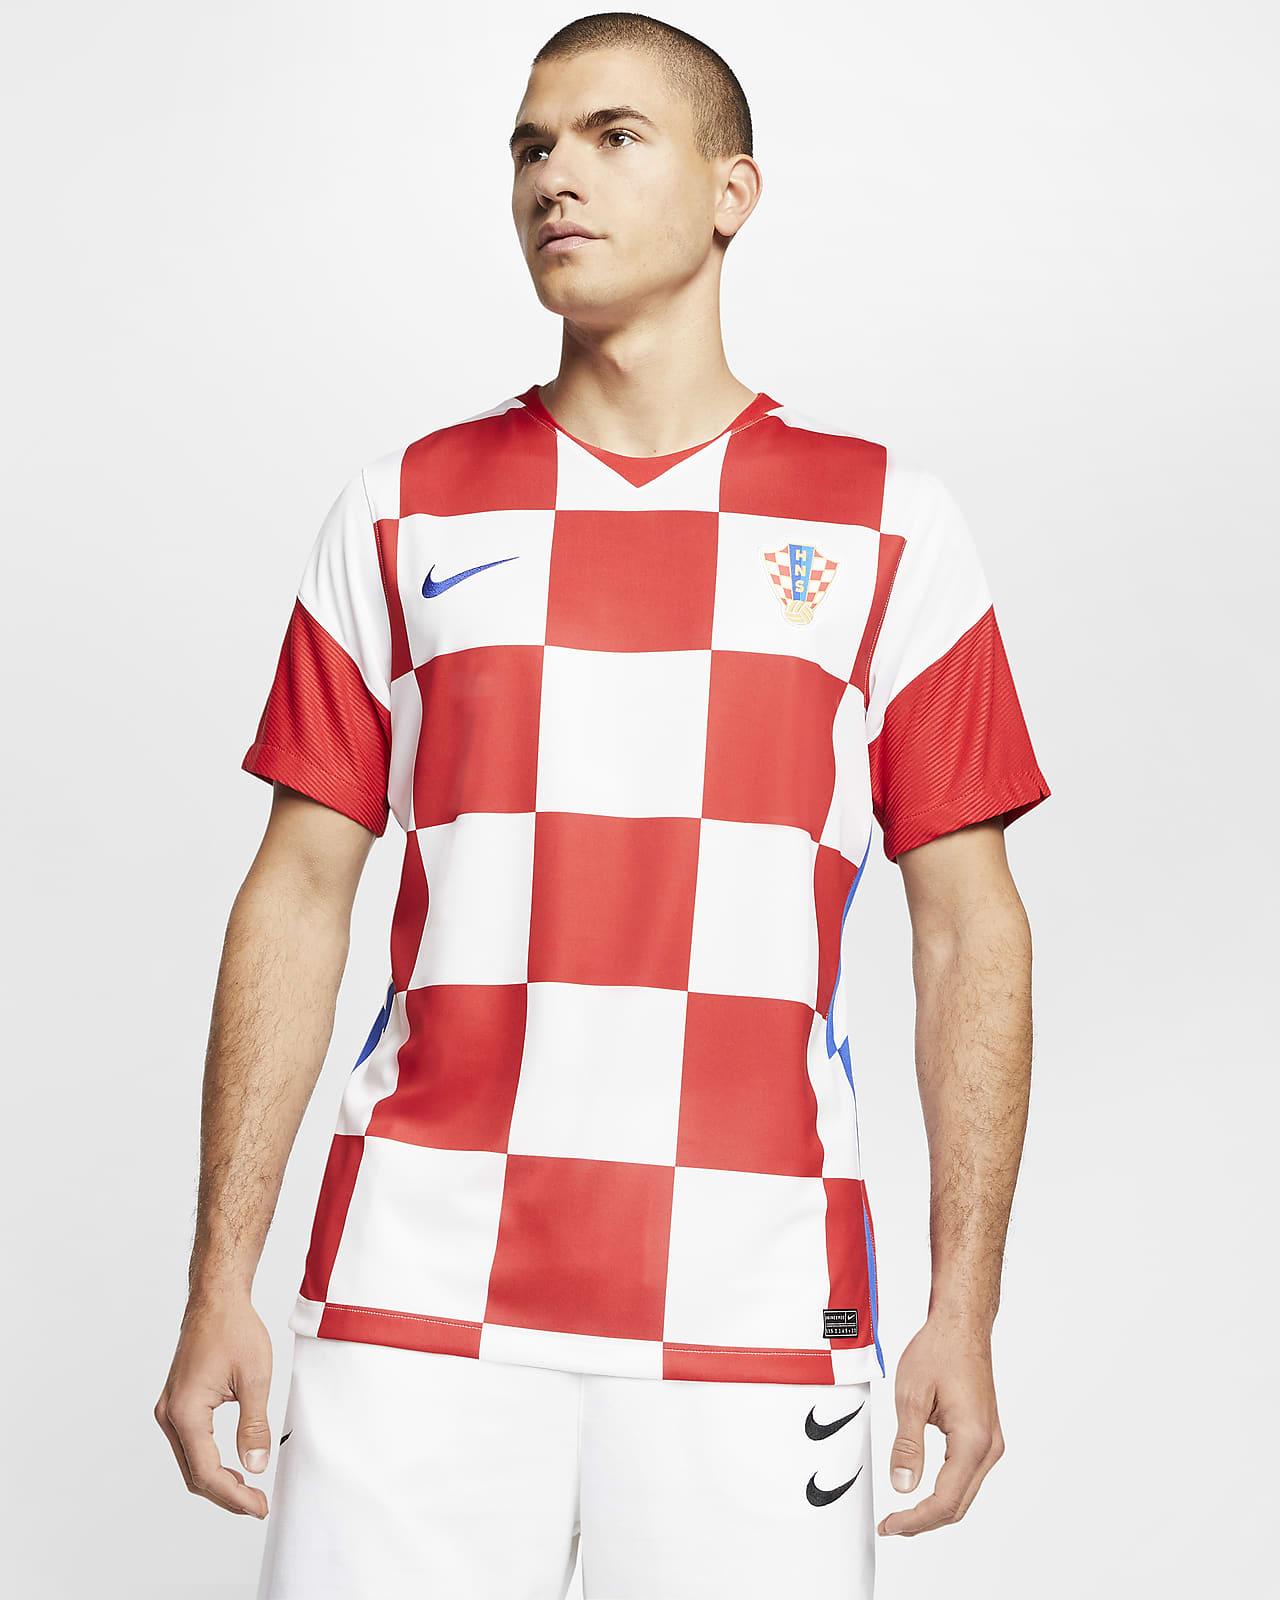 2020 赛季克罗地亚队主场球迷版男子足球球衣